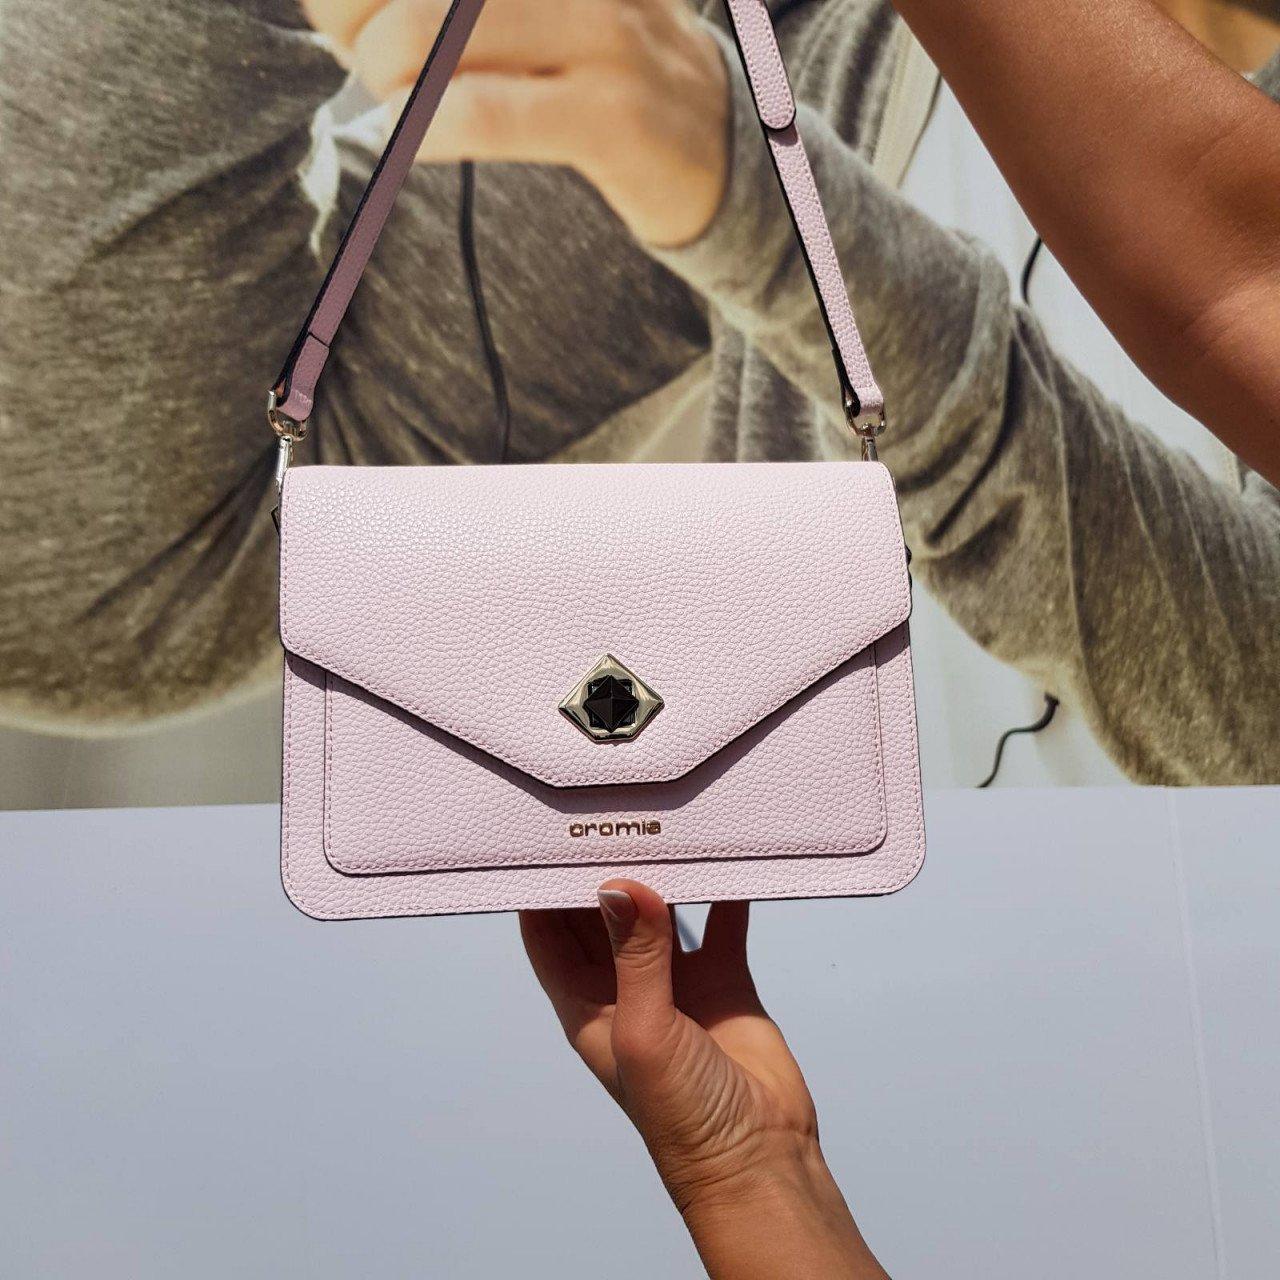 Женская кожаная сумка Cromia 1404505 ROSA